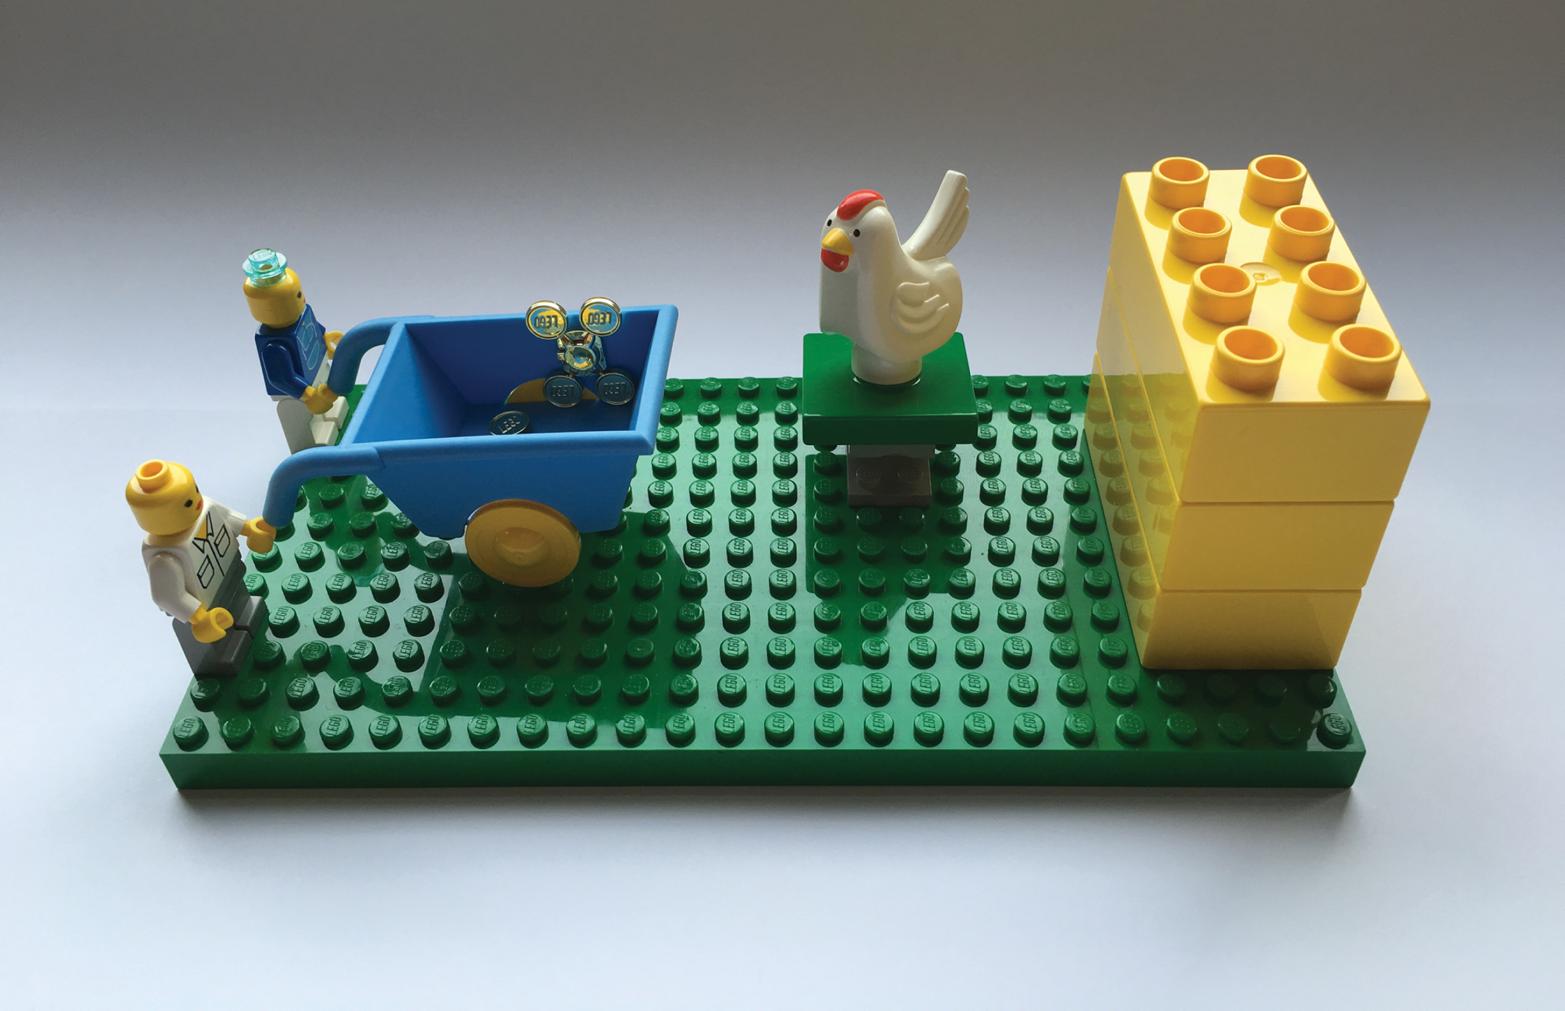 The flying chicken metaphor